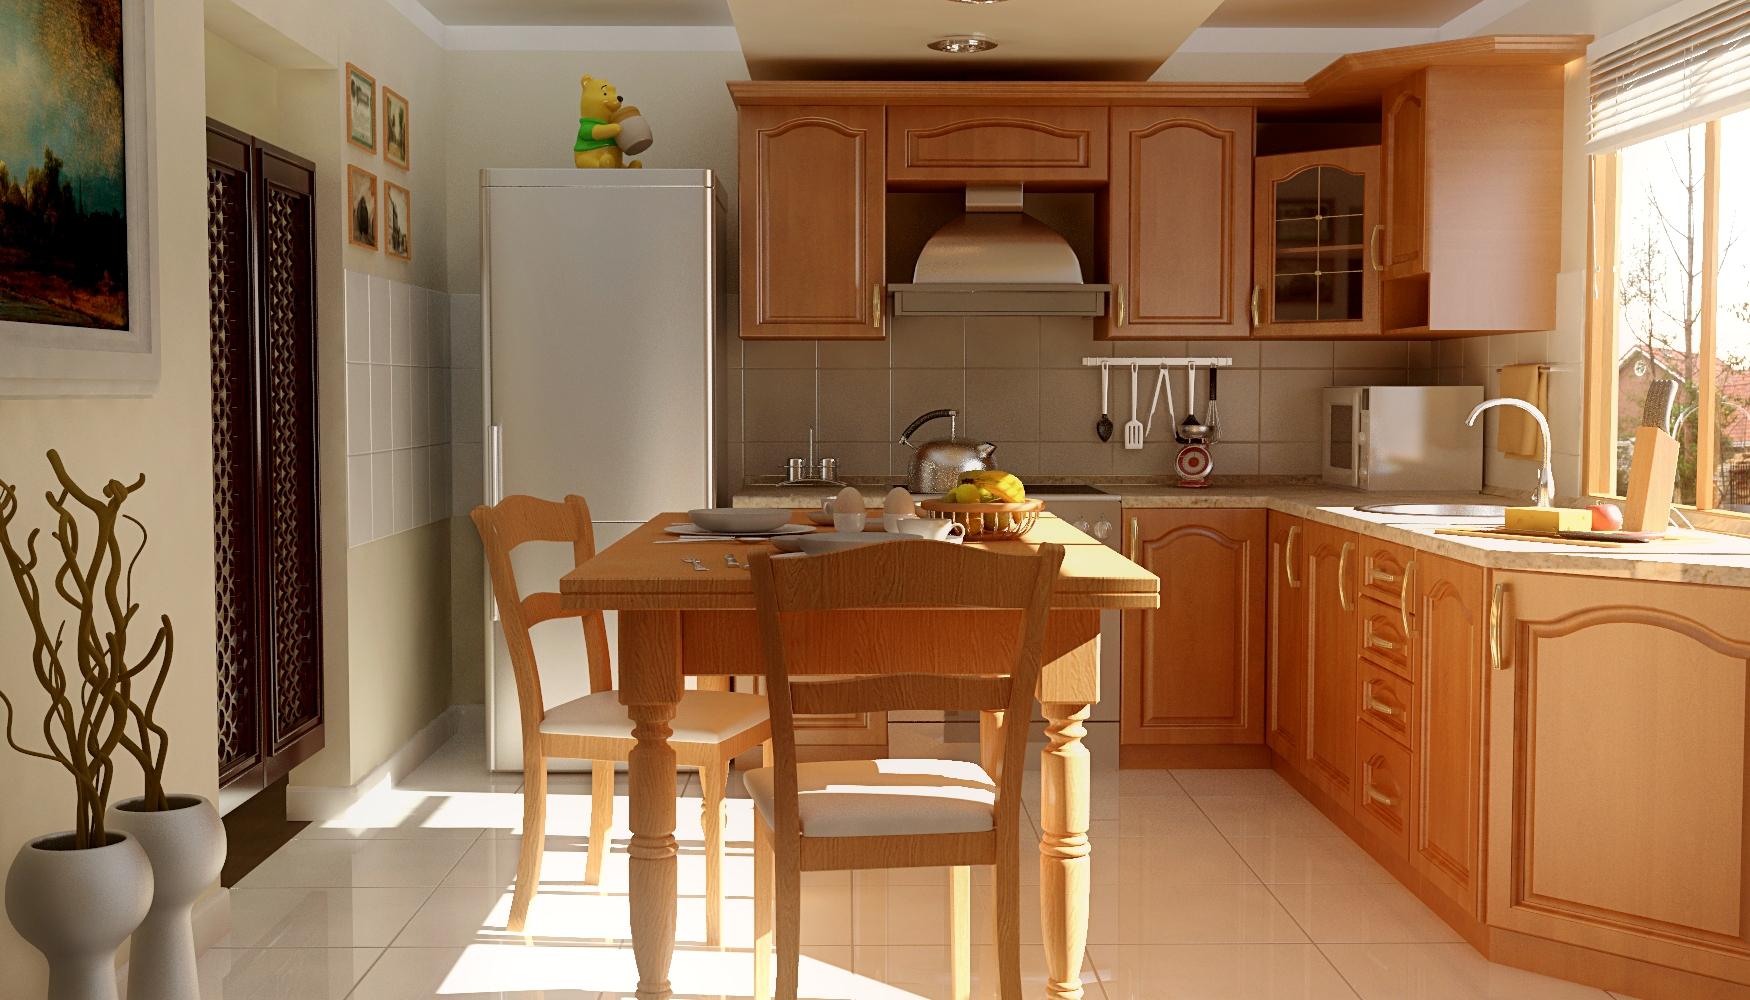 Cocina con puerta vaiven - Puerta abatible cocina ...